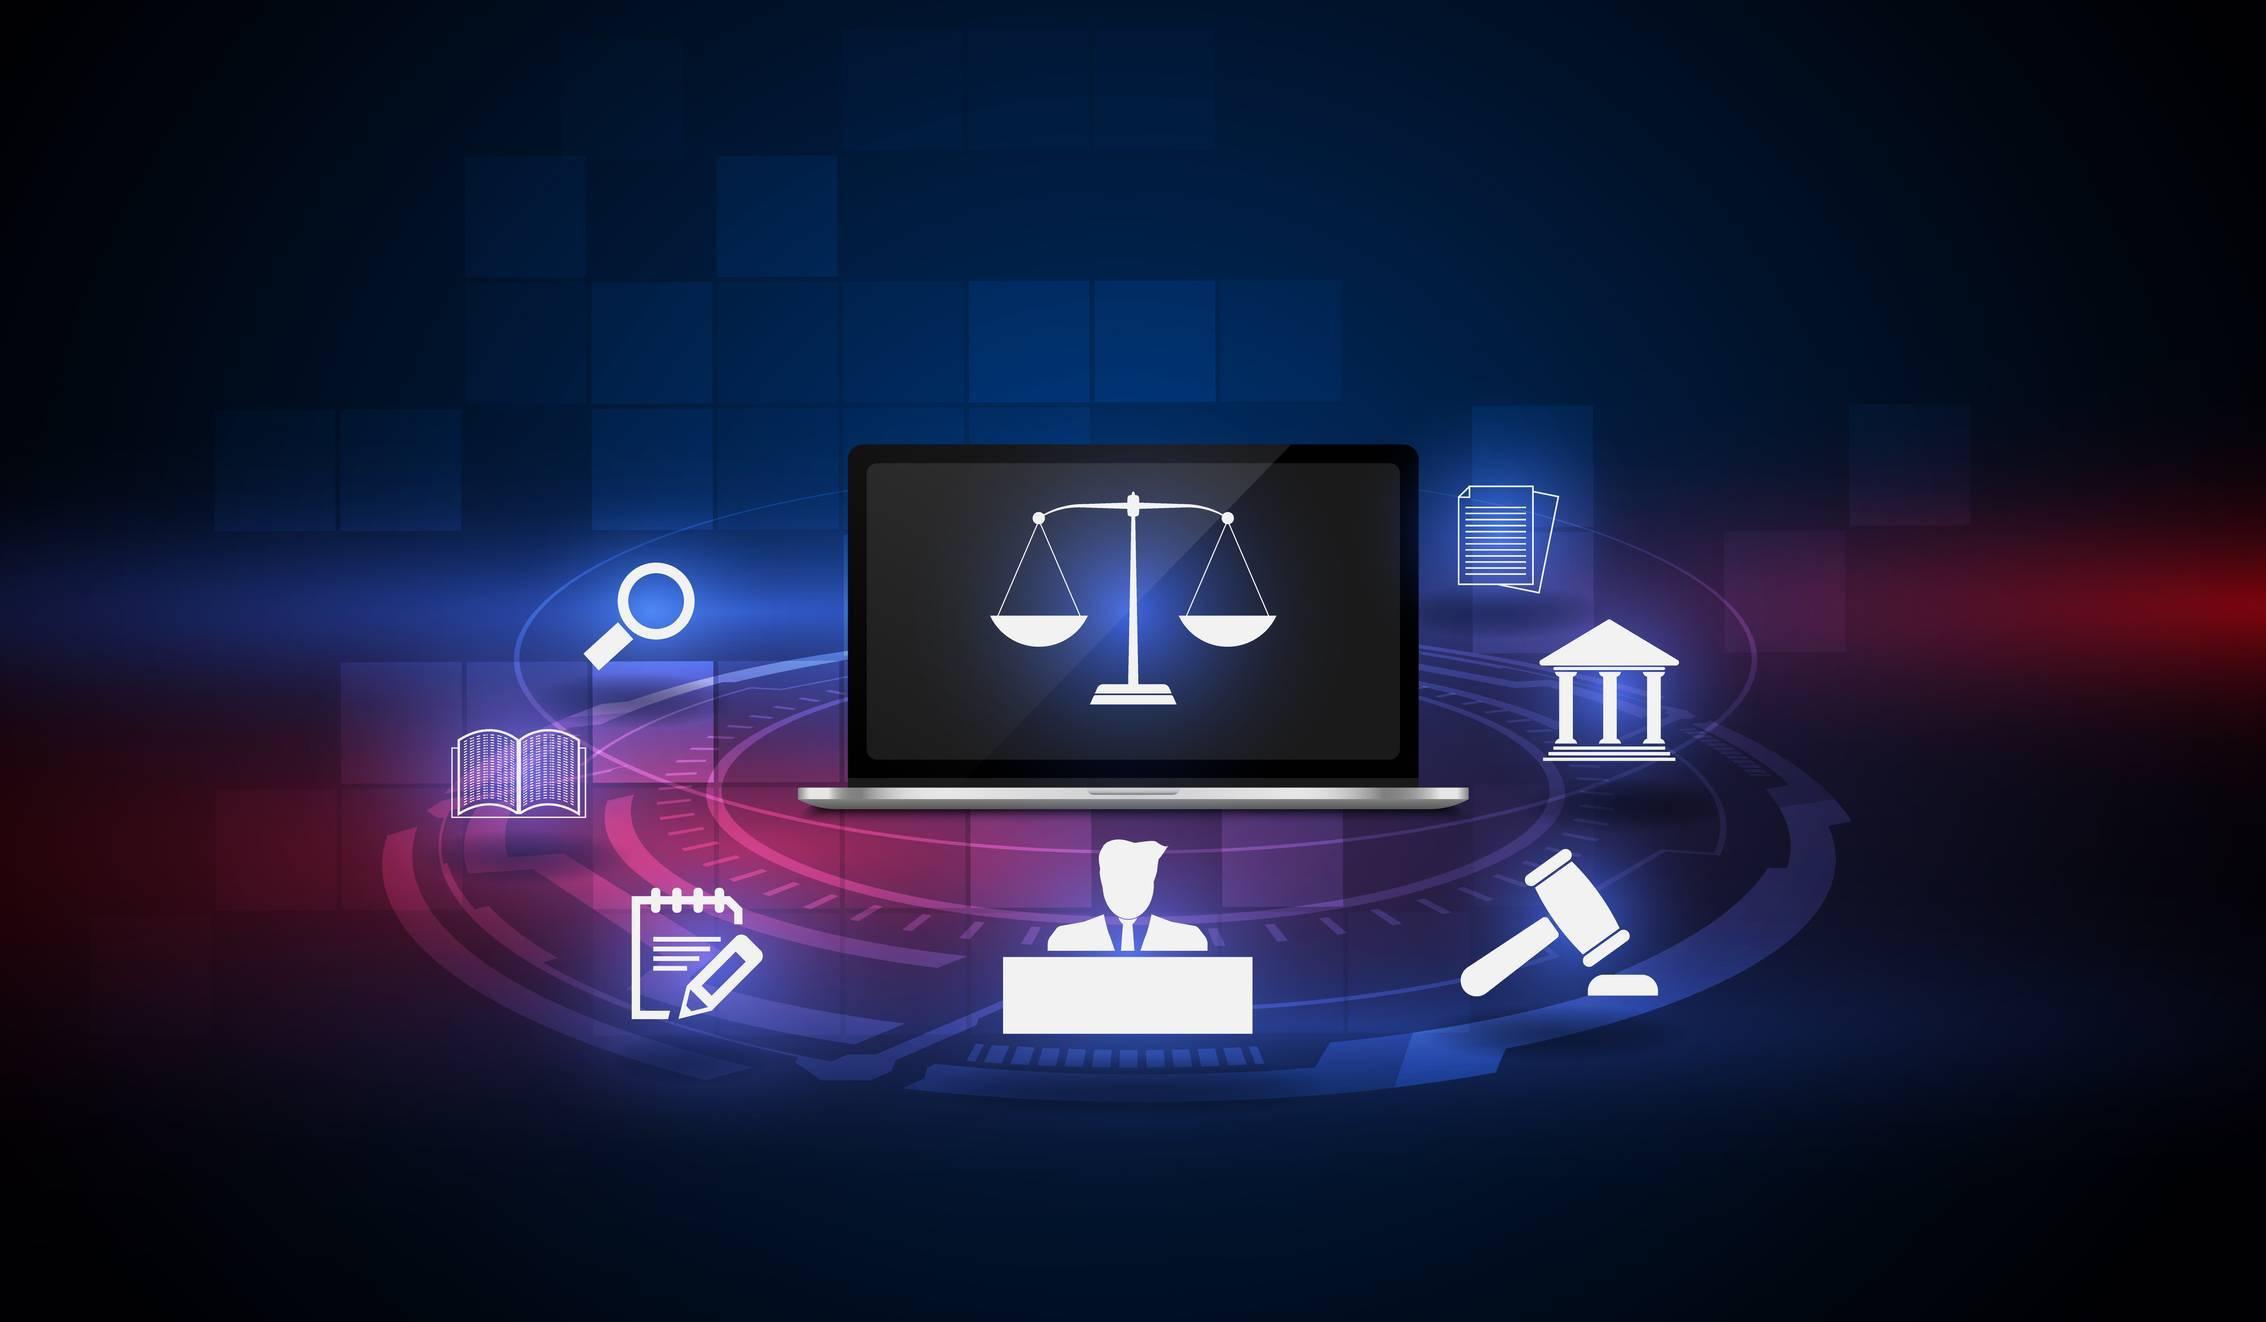 L'avocat, un professionnel qui intervient dans plusieurs domaines de droit